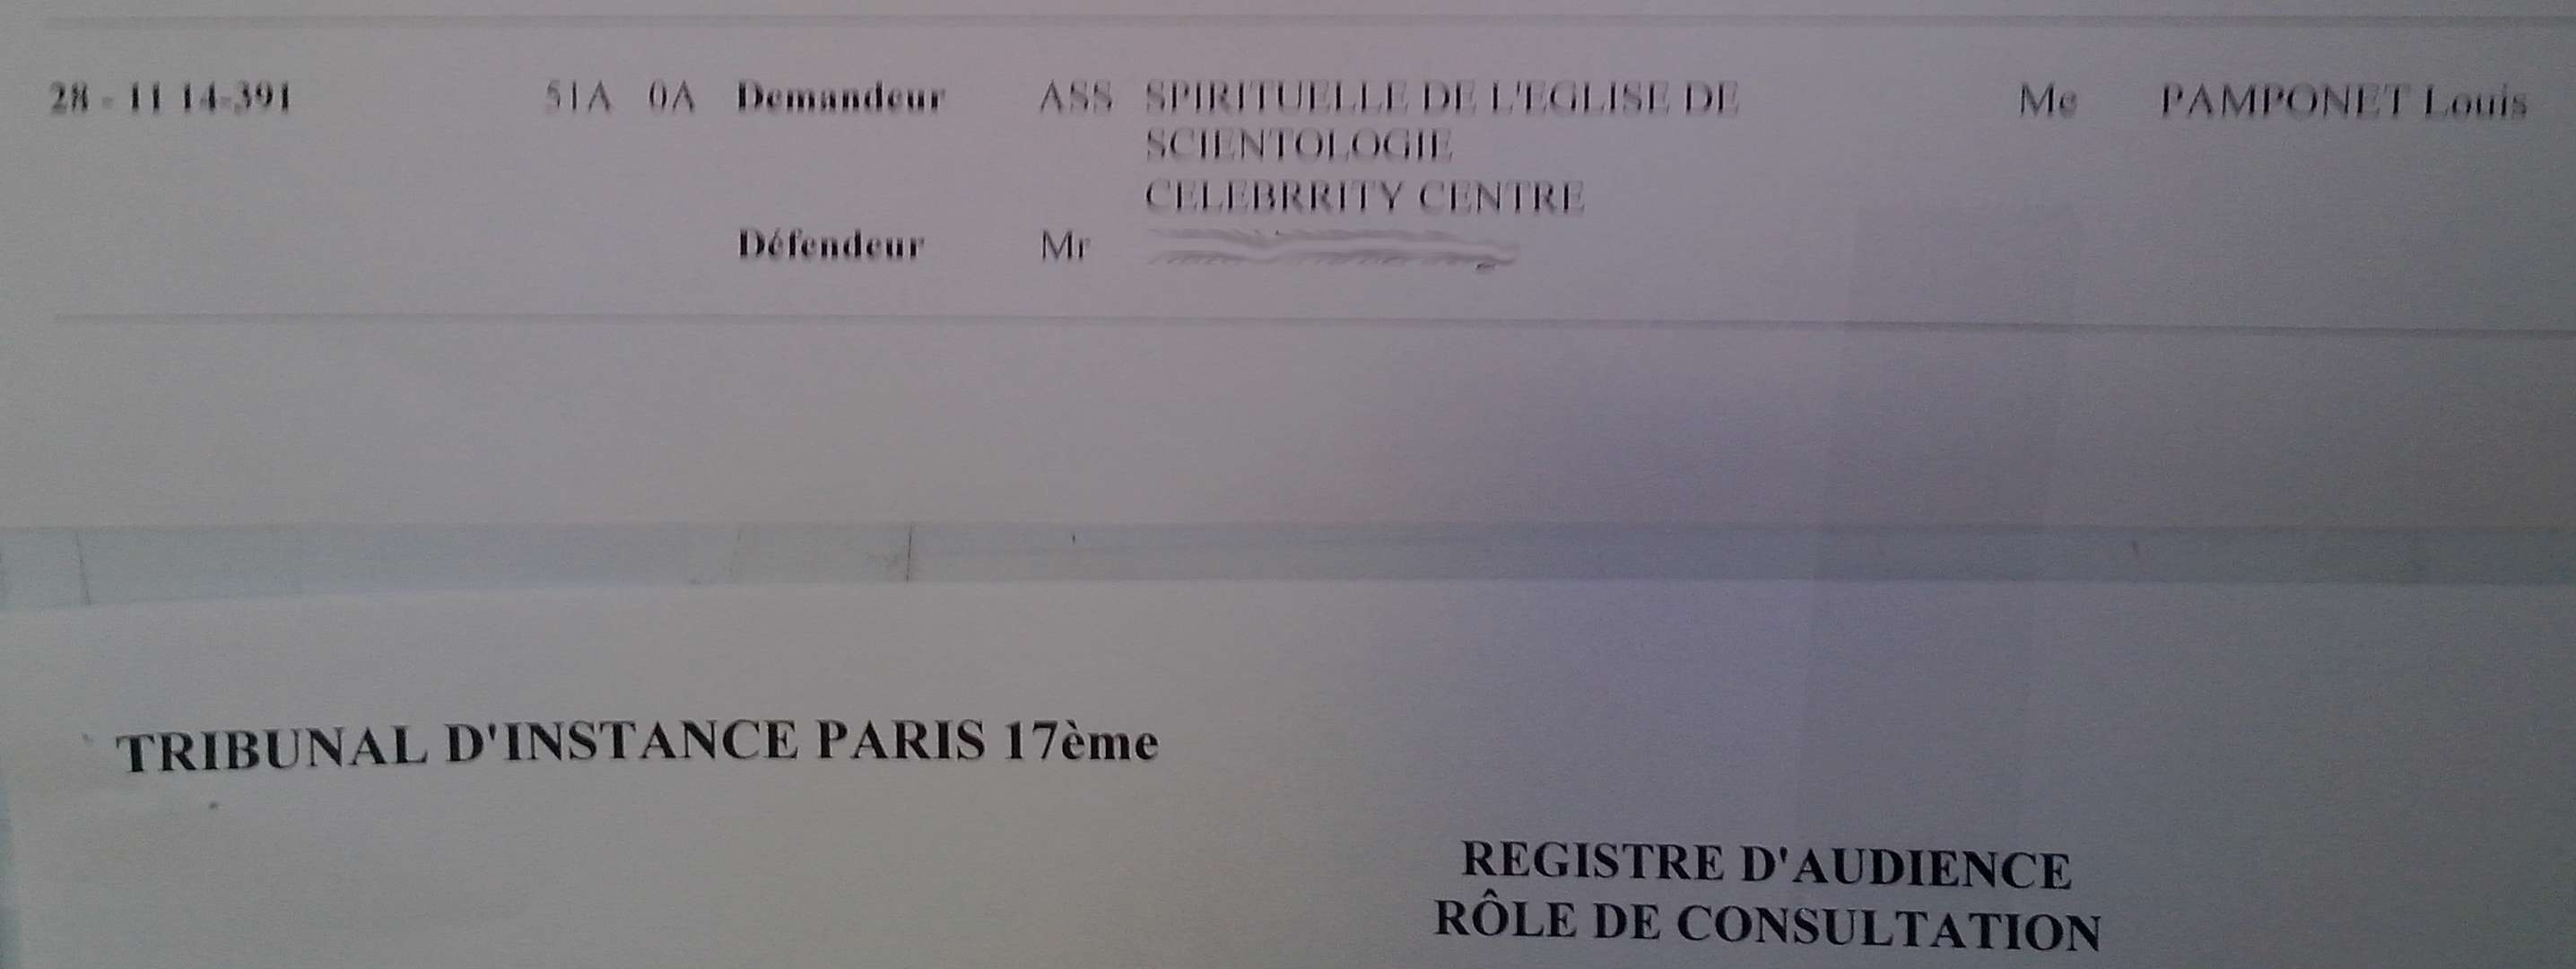 Scientologie religion humaine why we protest - Tribunal d instance salon de provence ...